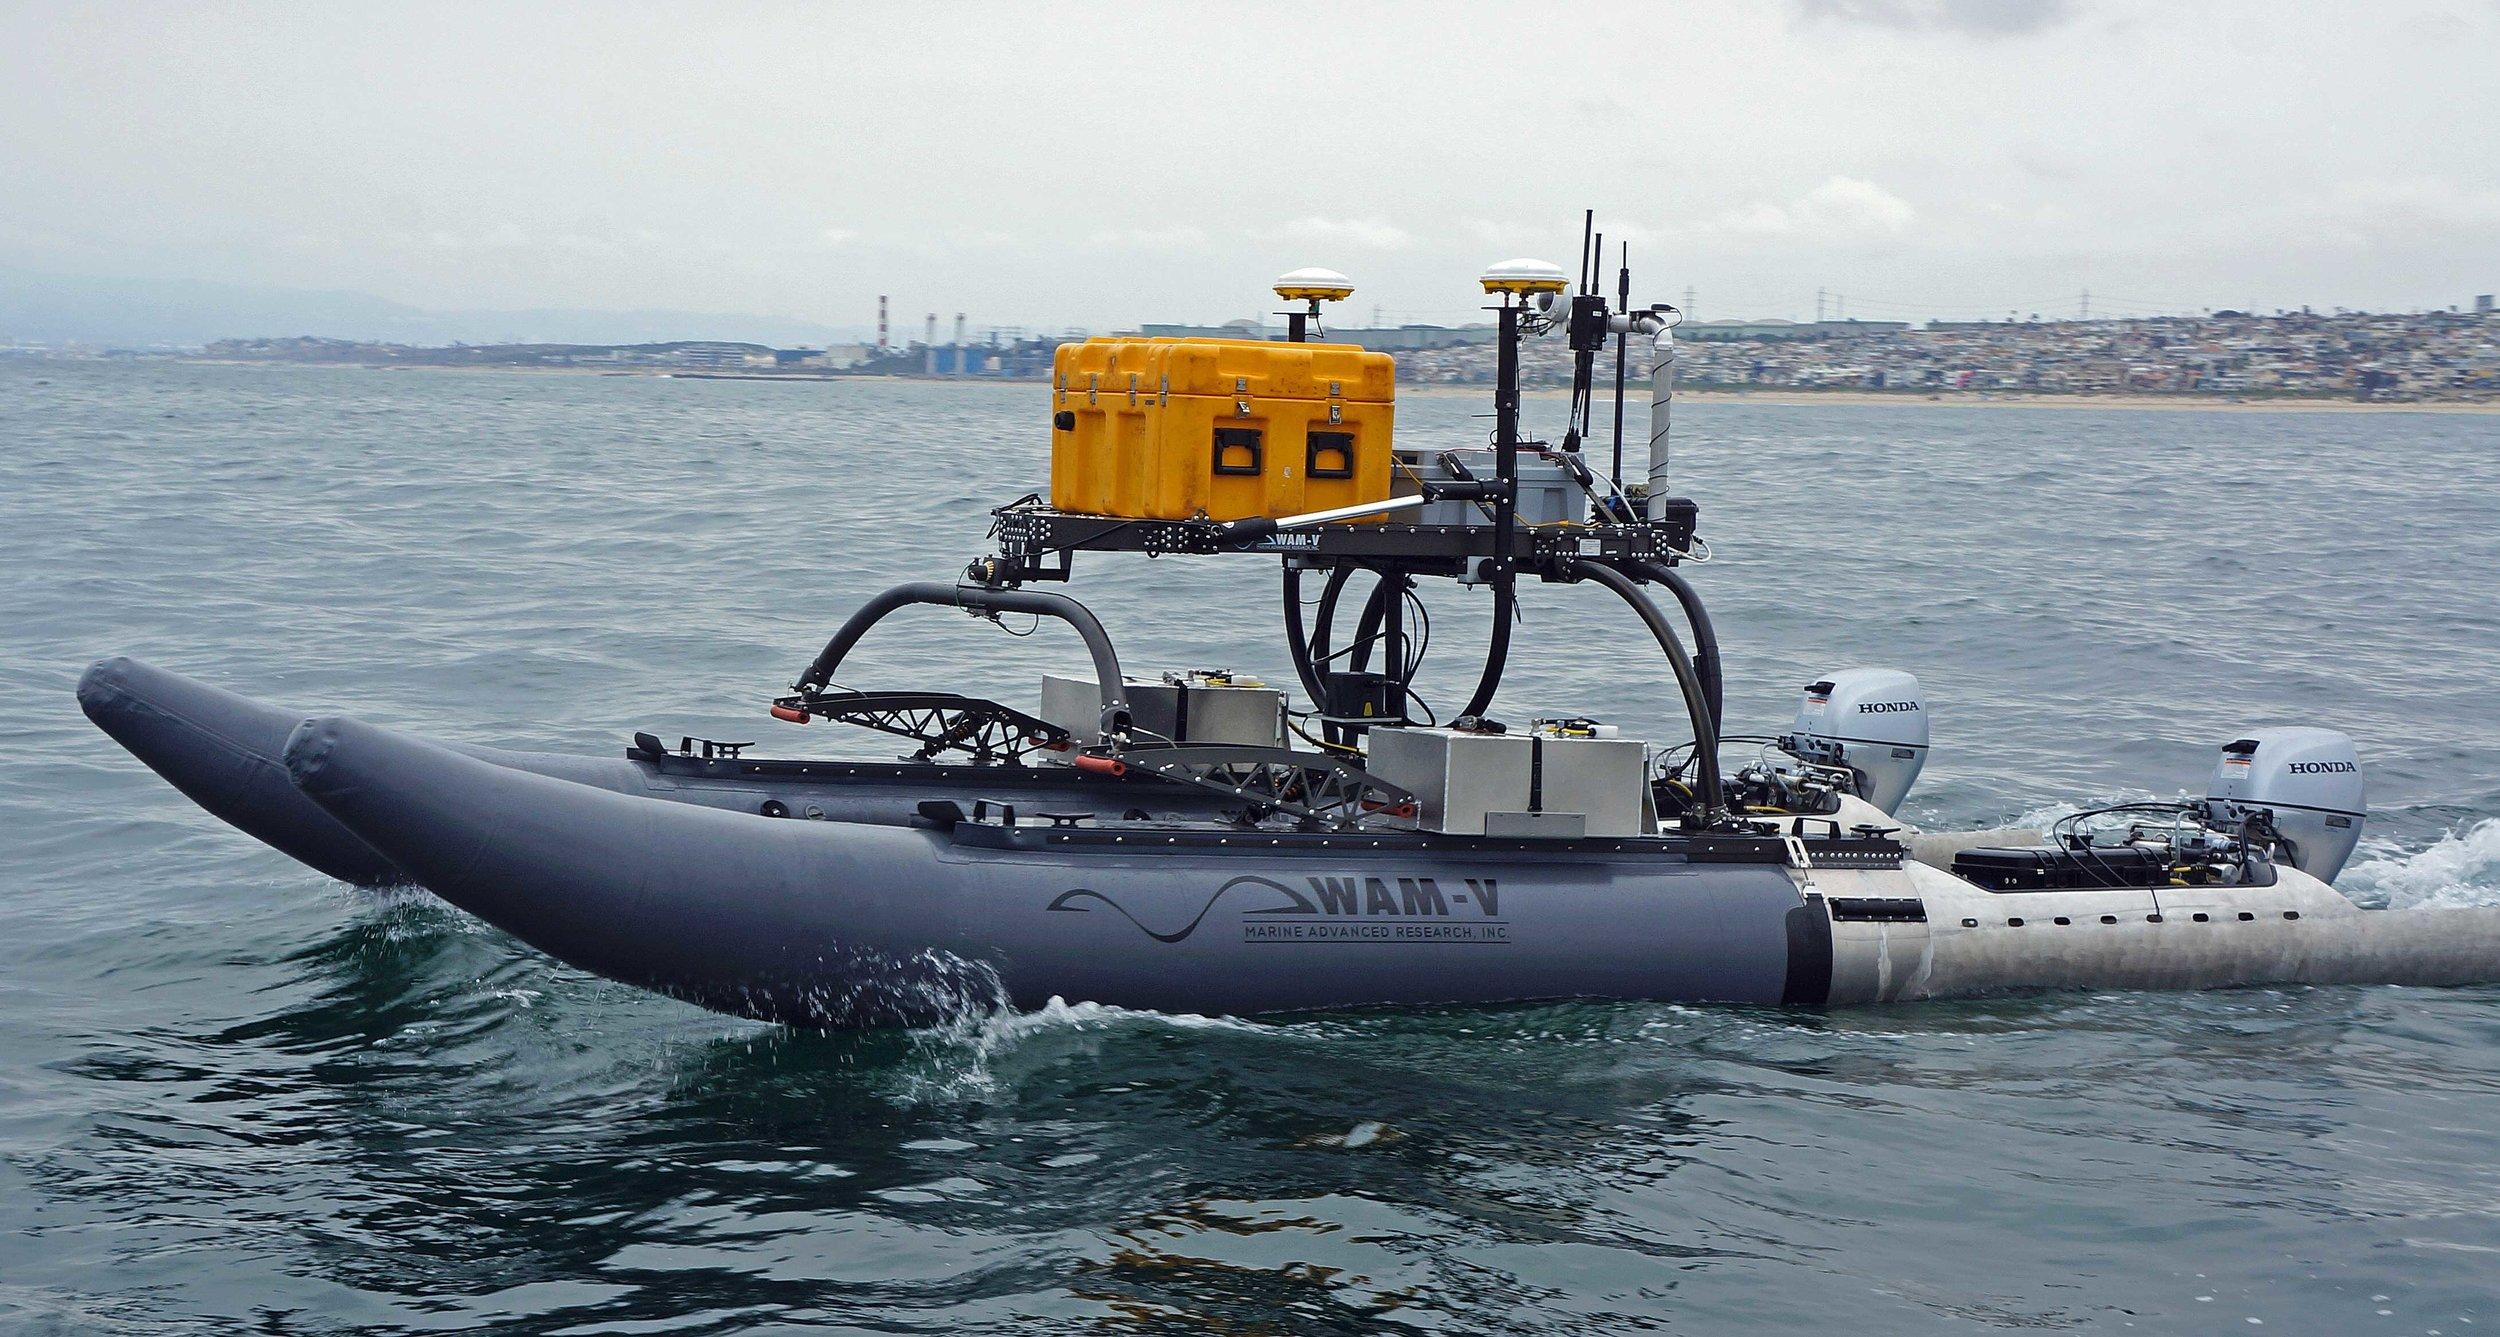 WAM-V 20 ASV Marine Infrastructure Survey